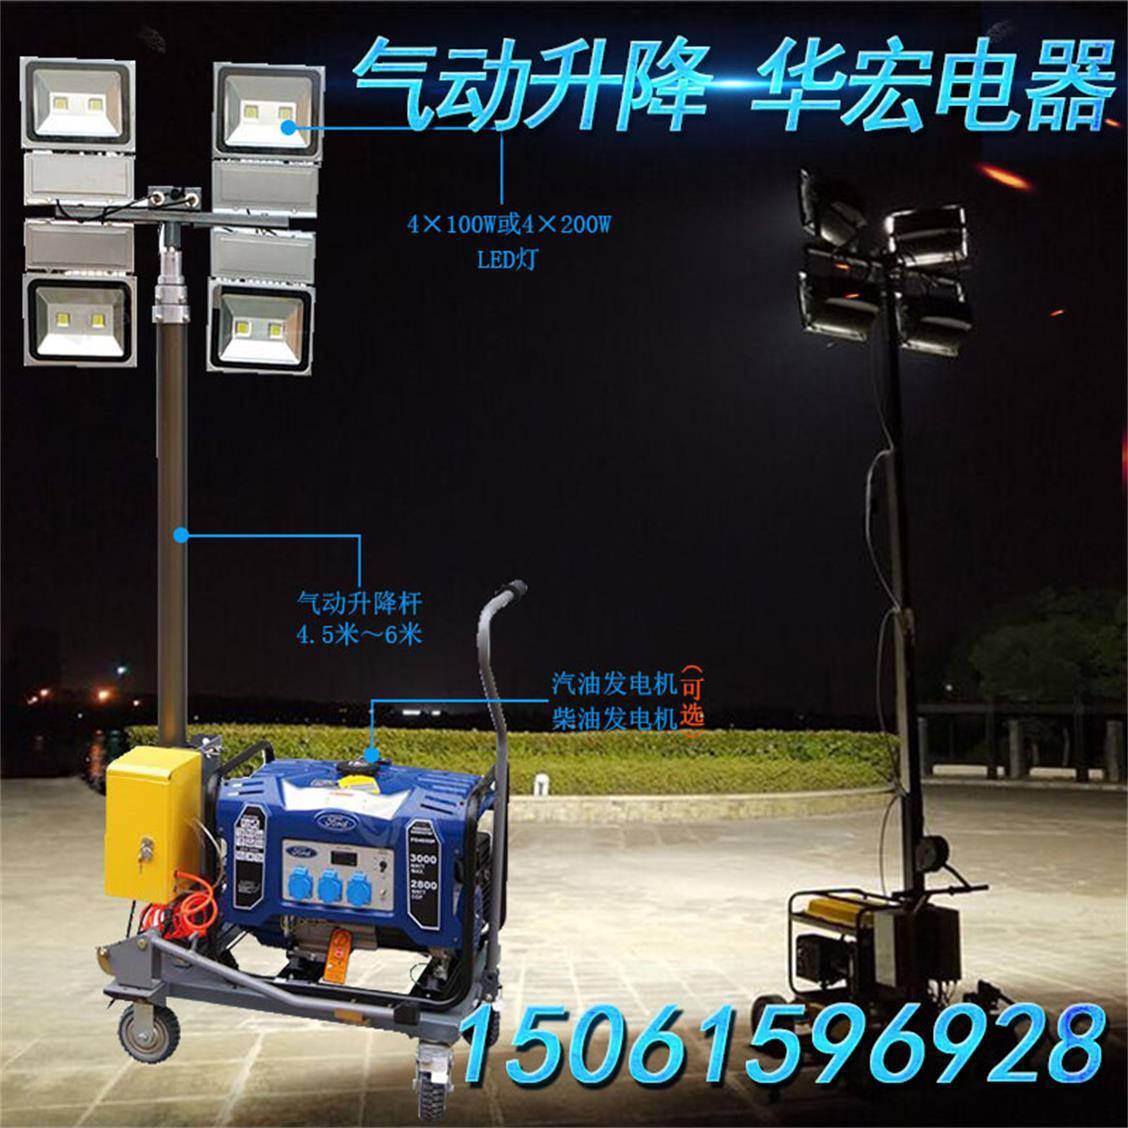 遙控升降移動照明車升降桿移動照明車燈塔100WLED燈應急燈